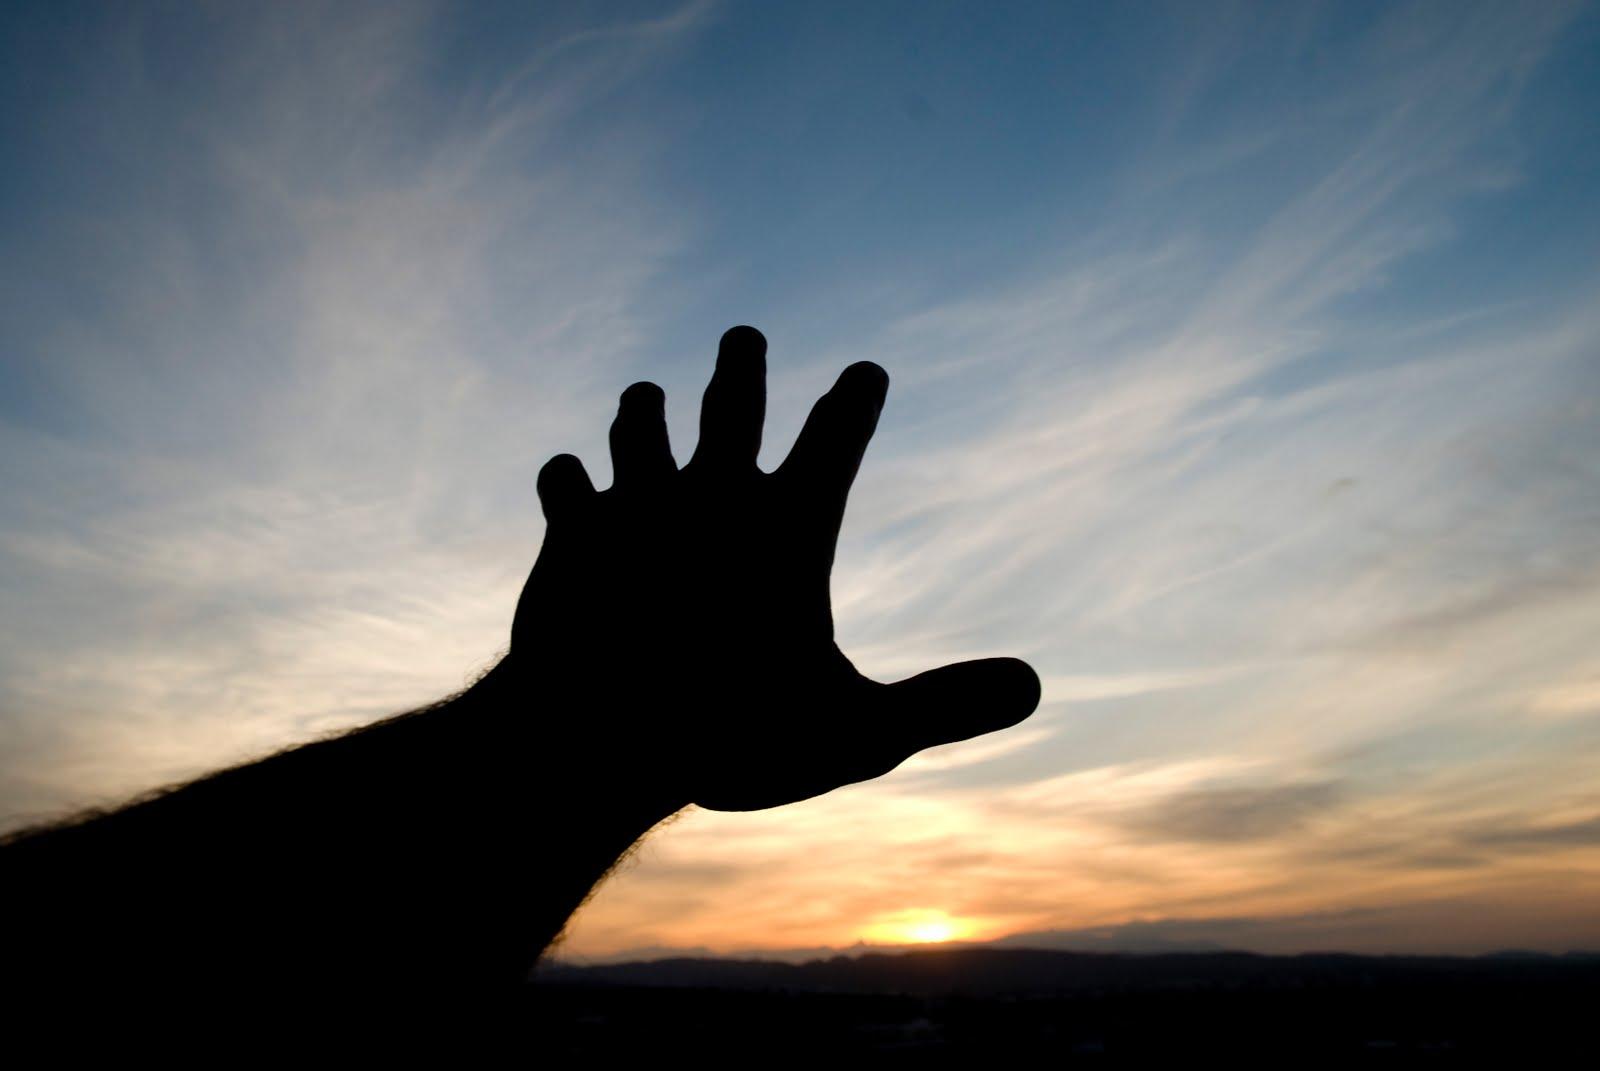 Hands Reaching Goal